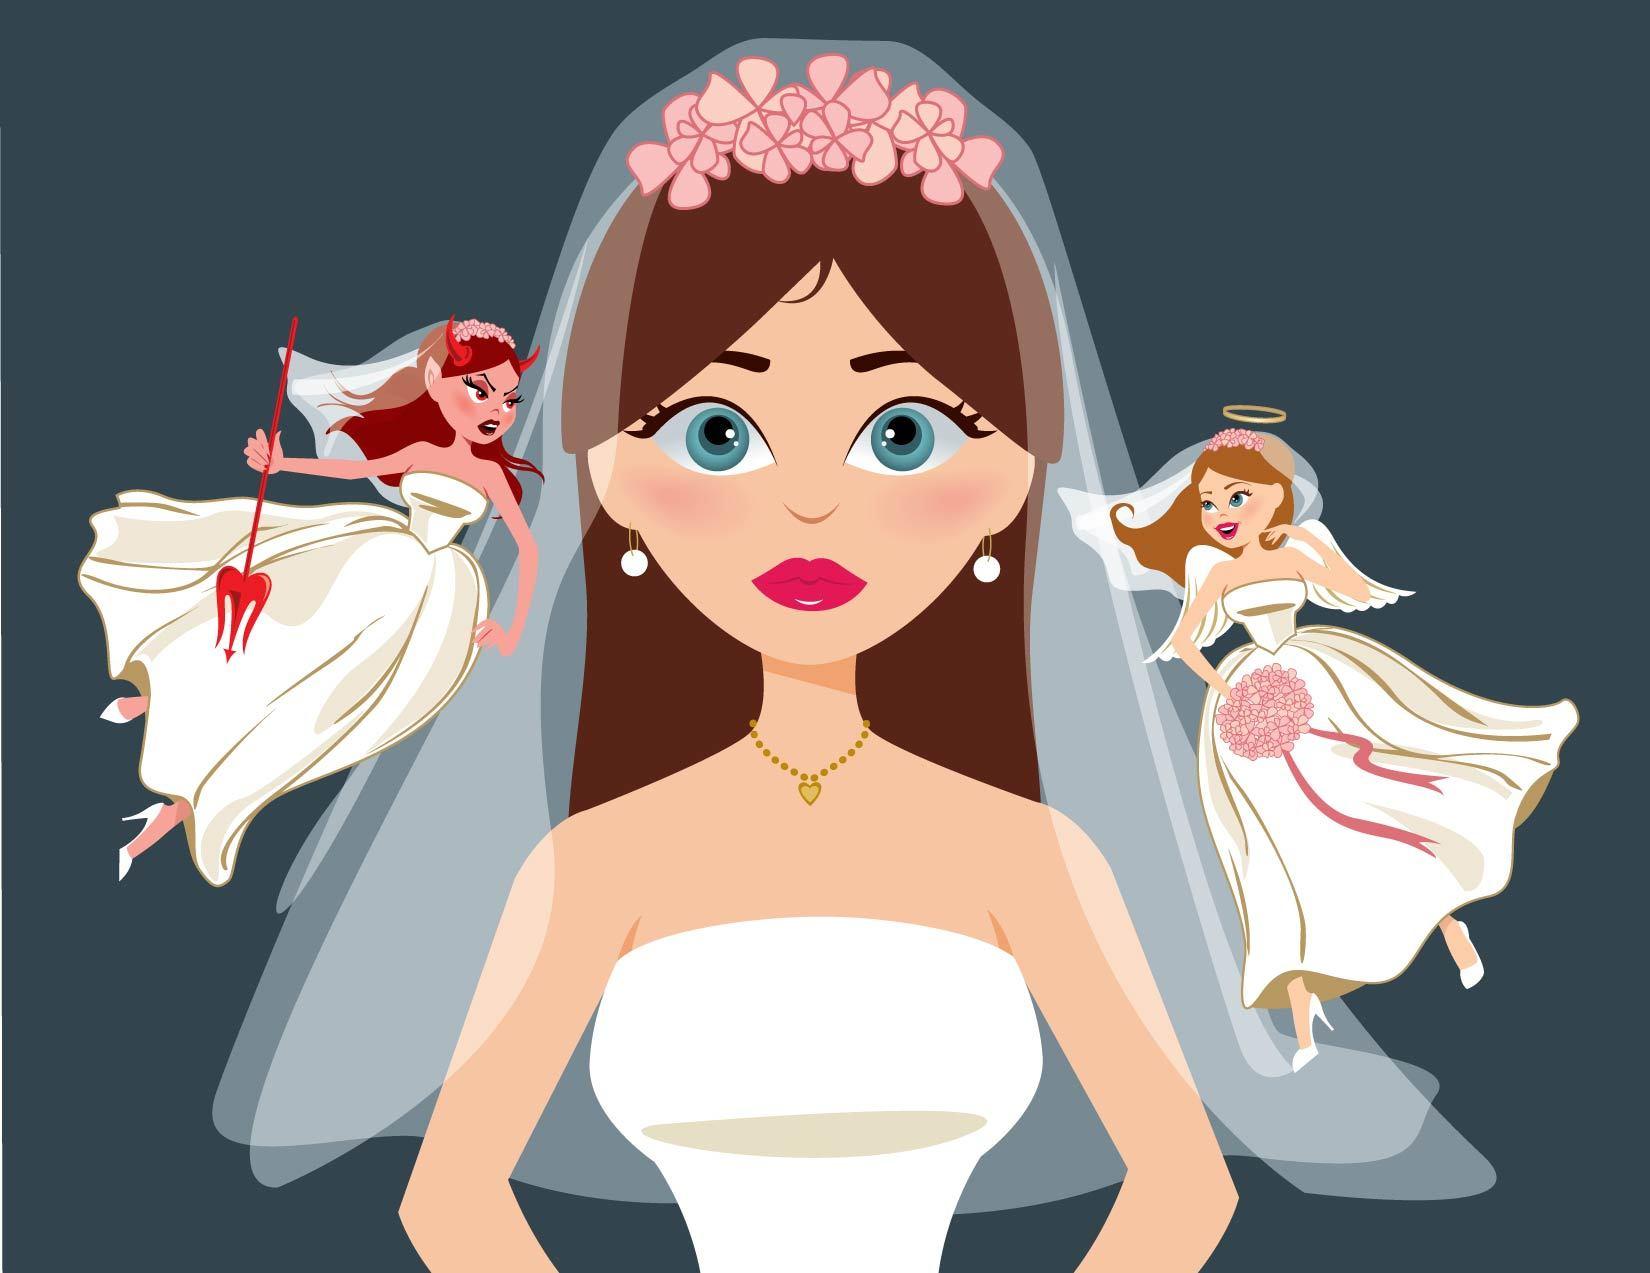 Evlenmeden Önce Bunları Kendinize Sorun